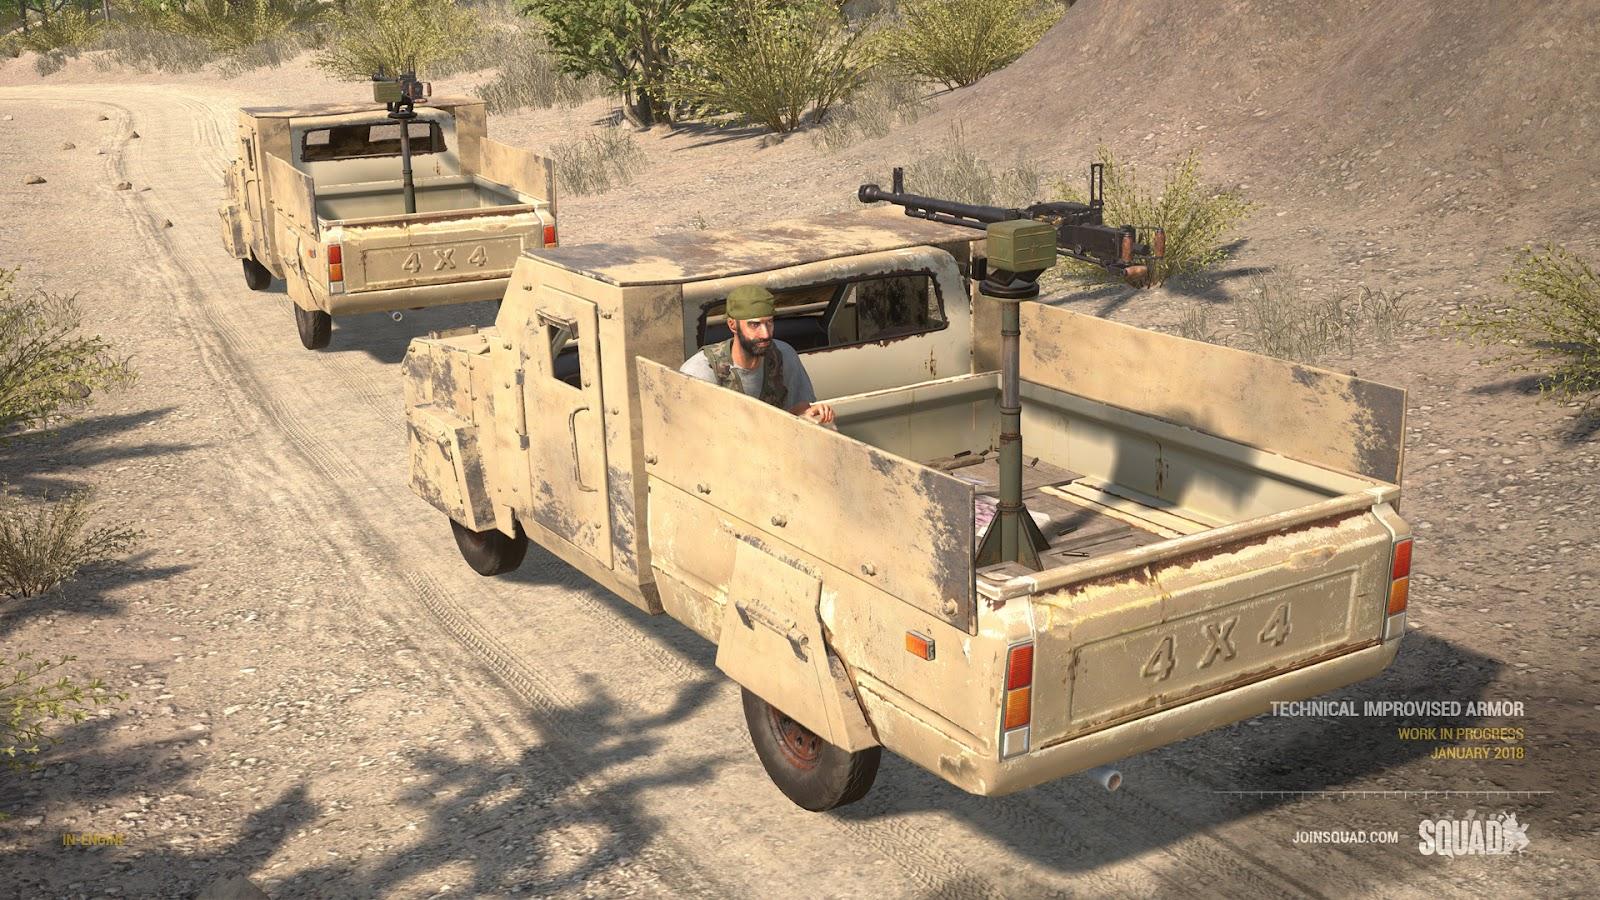 armouredtechnical2.jpg